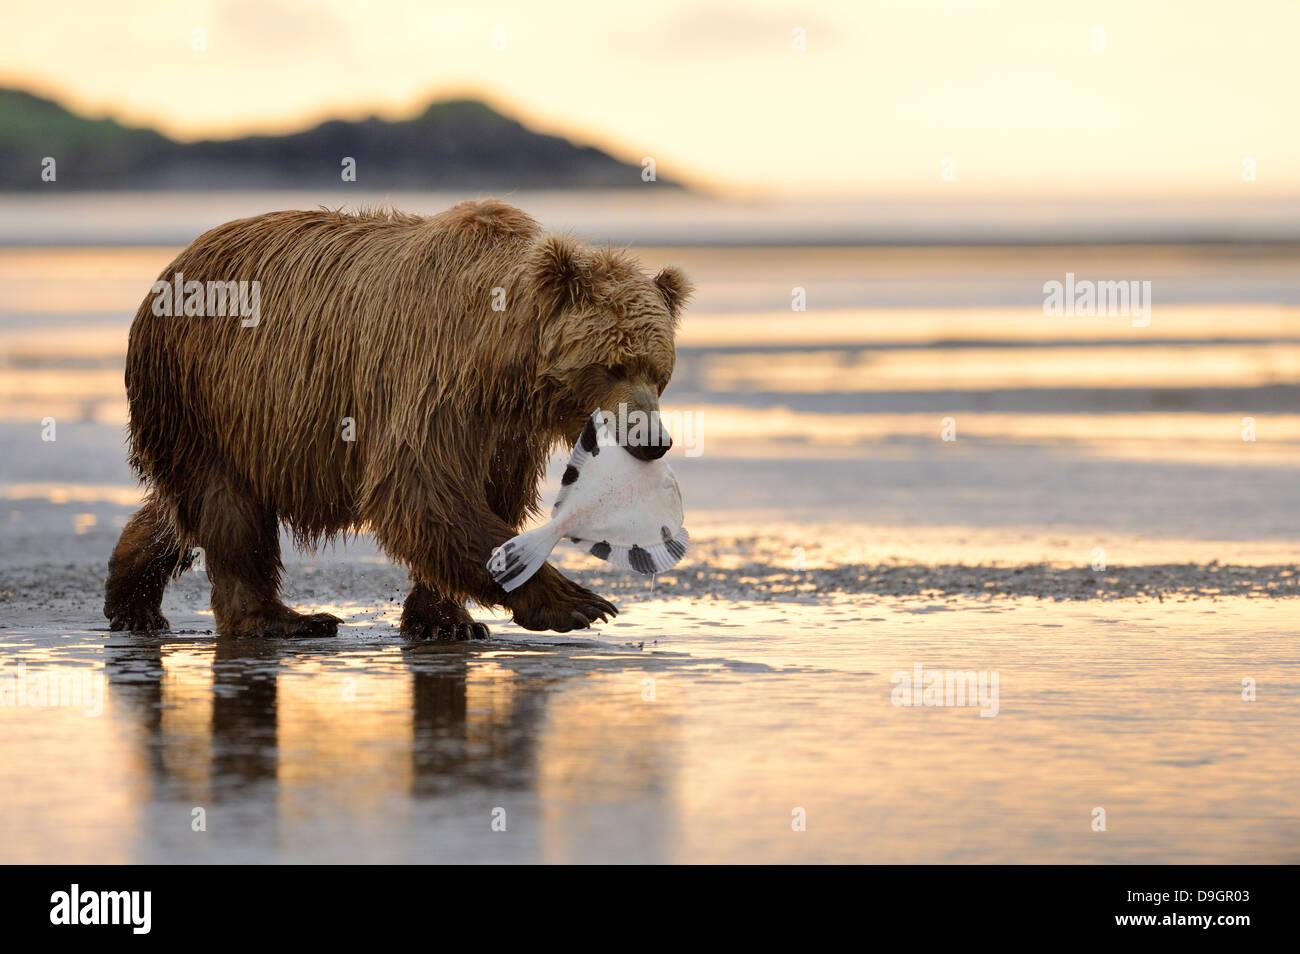 La marche de l'ours grizzli dans la bouche du poisson capturé avec Banque D'Images